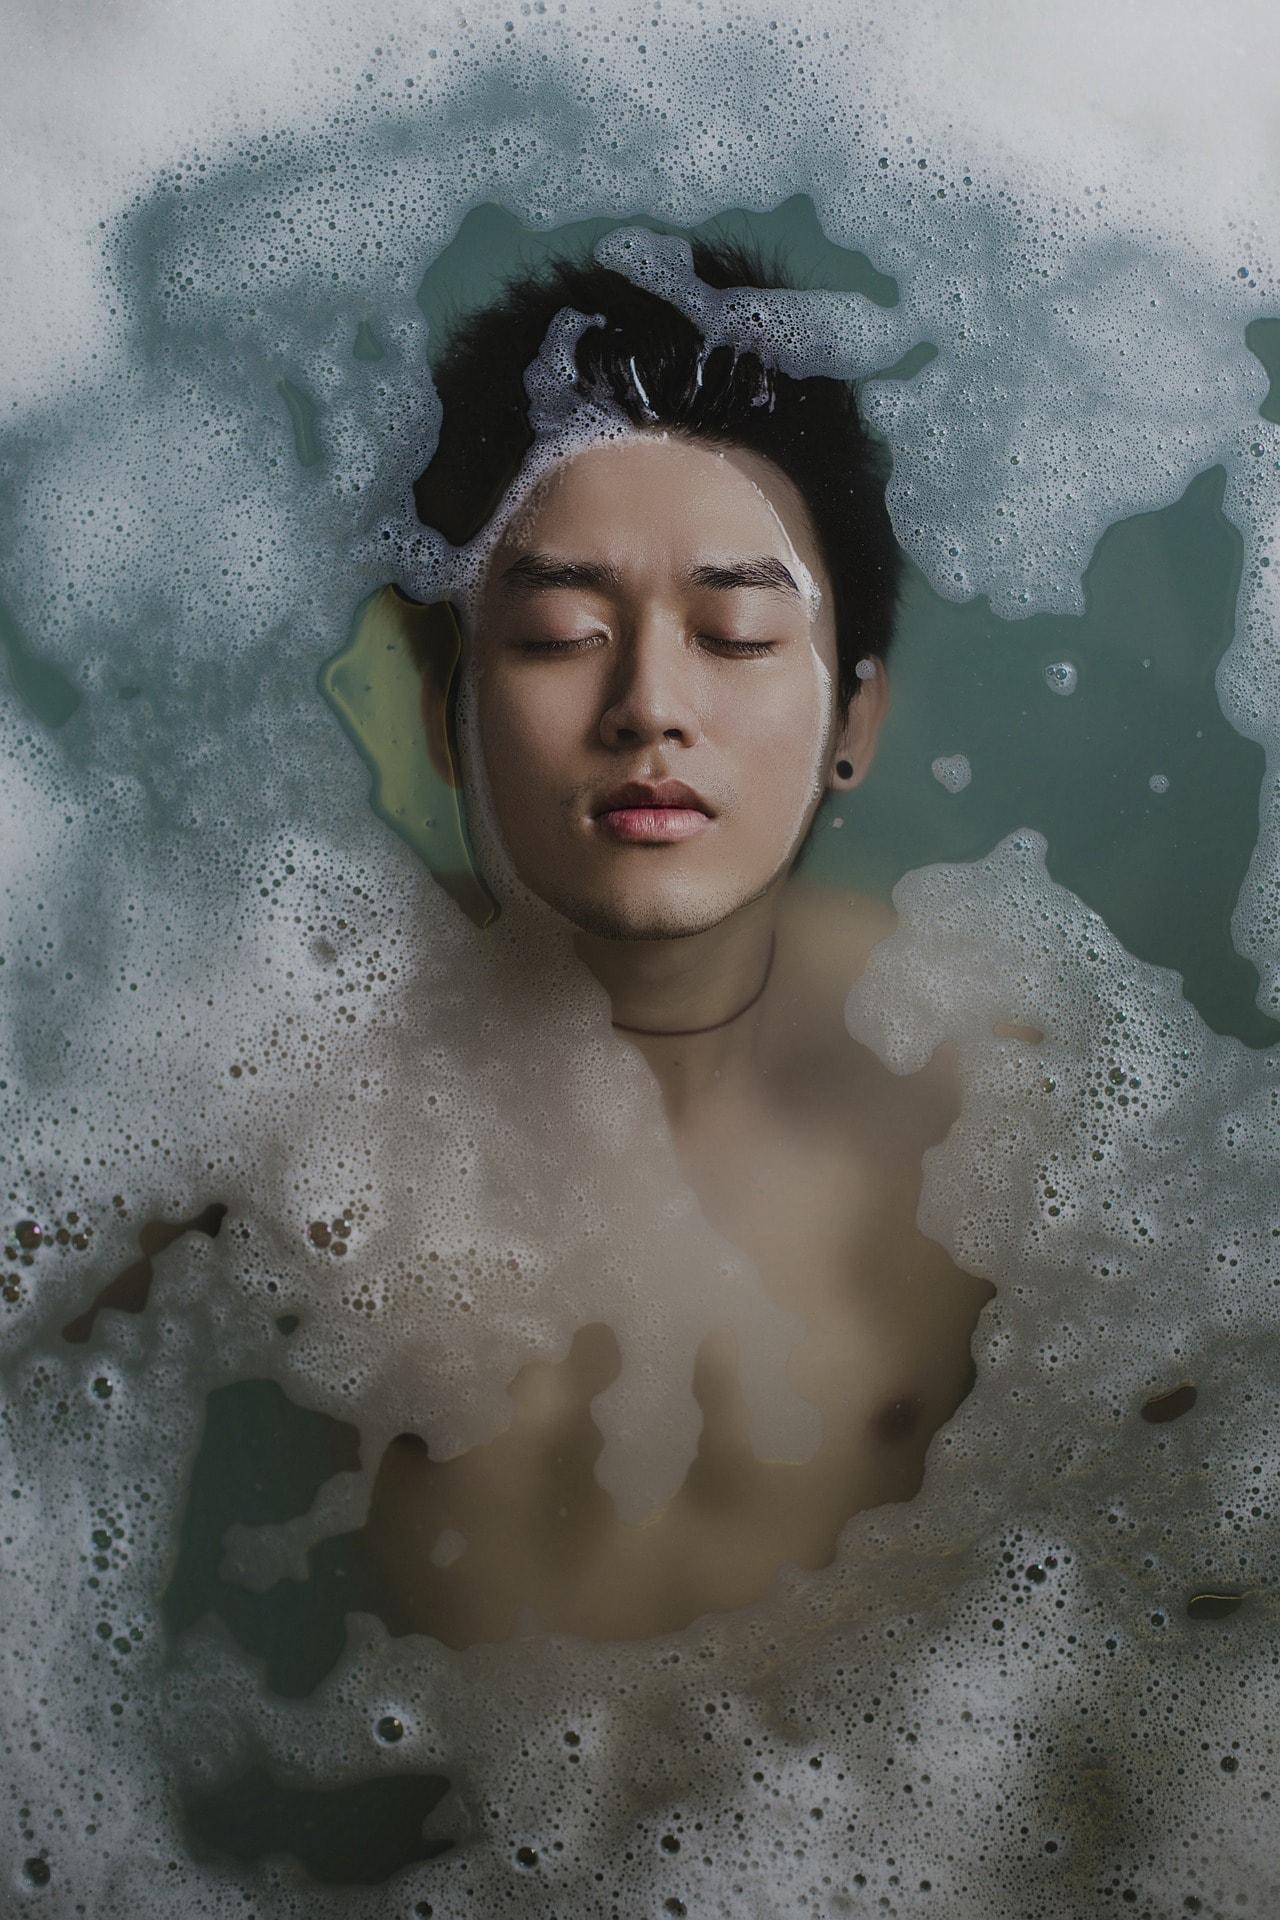 Retrato de chico joven en agua con espuma